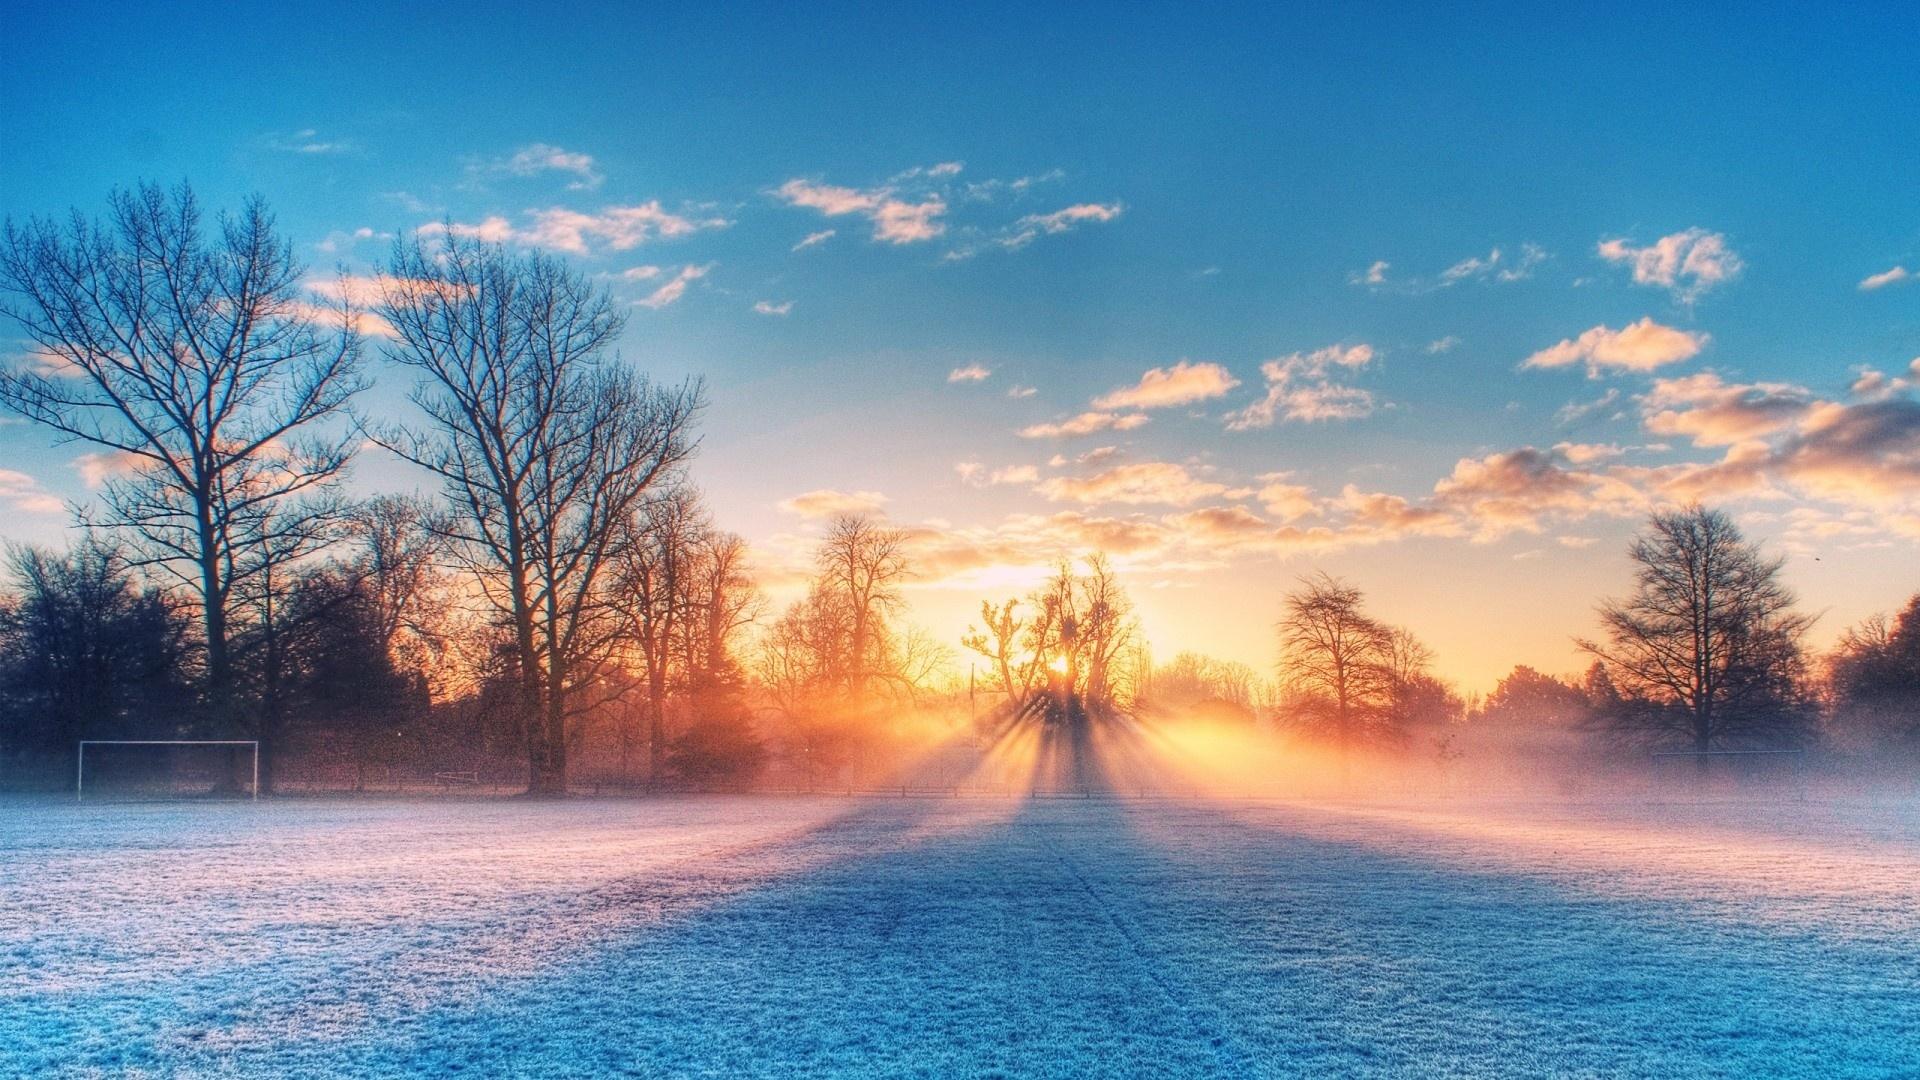 Snowy Morning Desktop Wallpaper